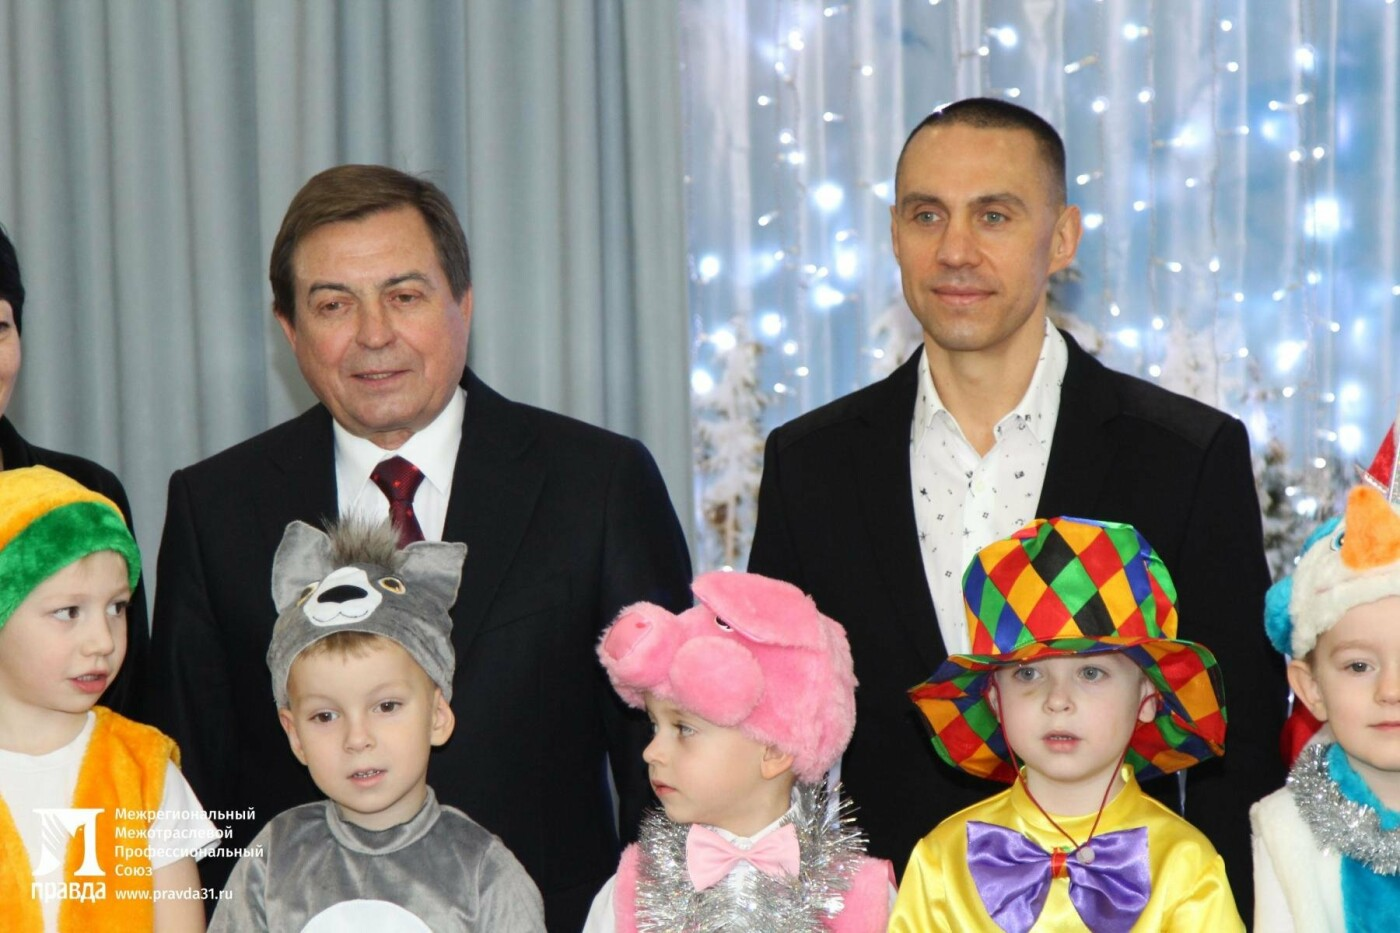 Праздник к нам приходит: воспитанников православного детского сада «Рождественский» поздравили с Новым годом, фото-4